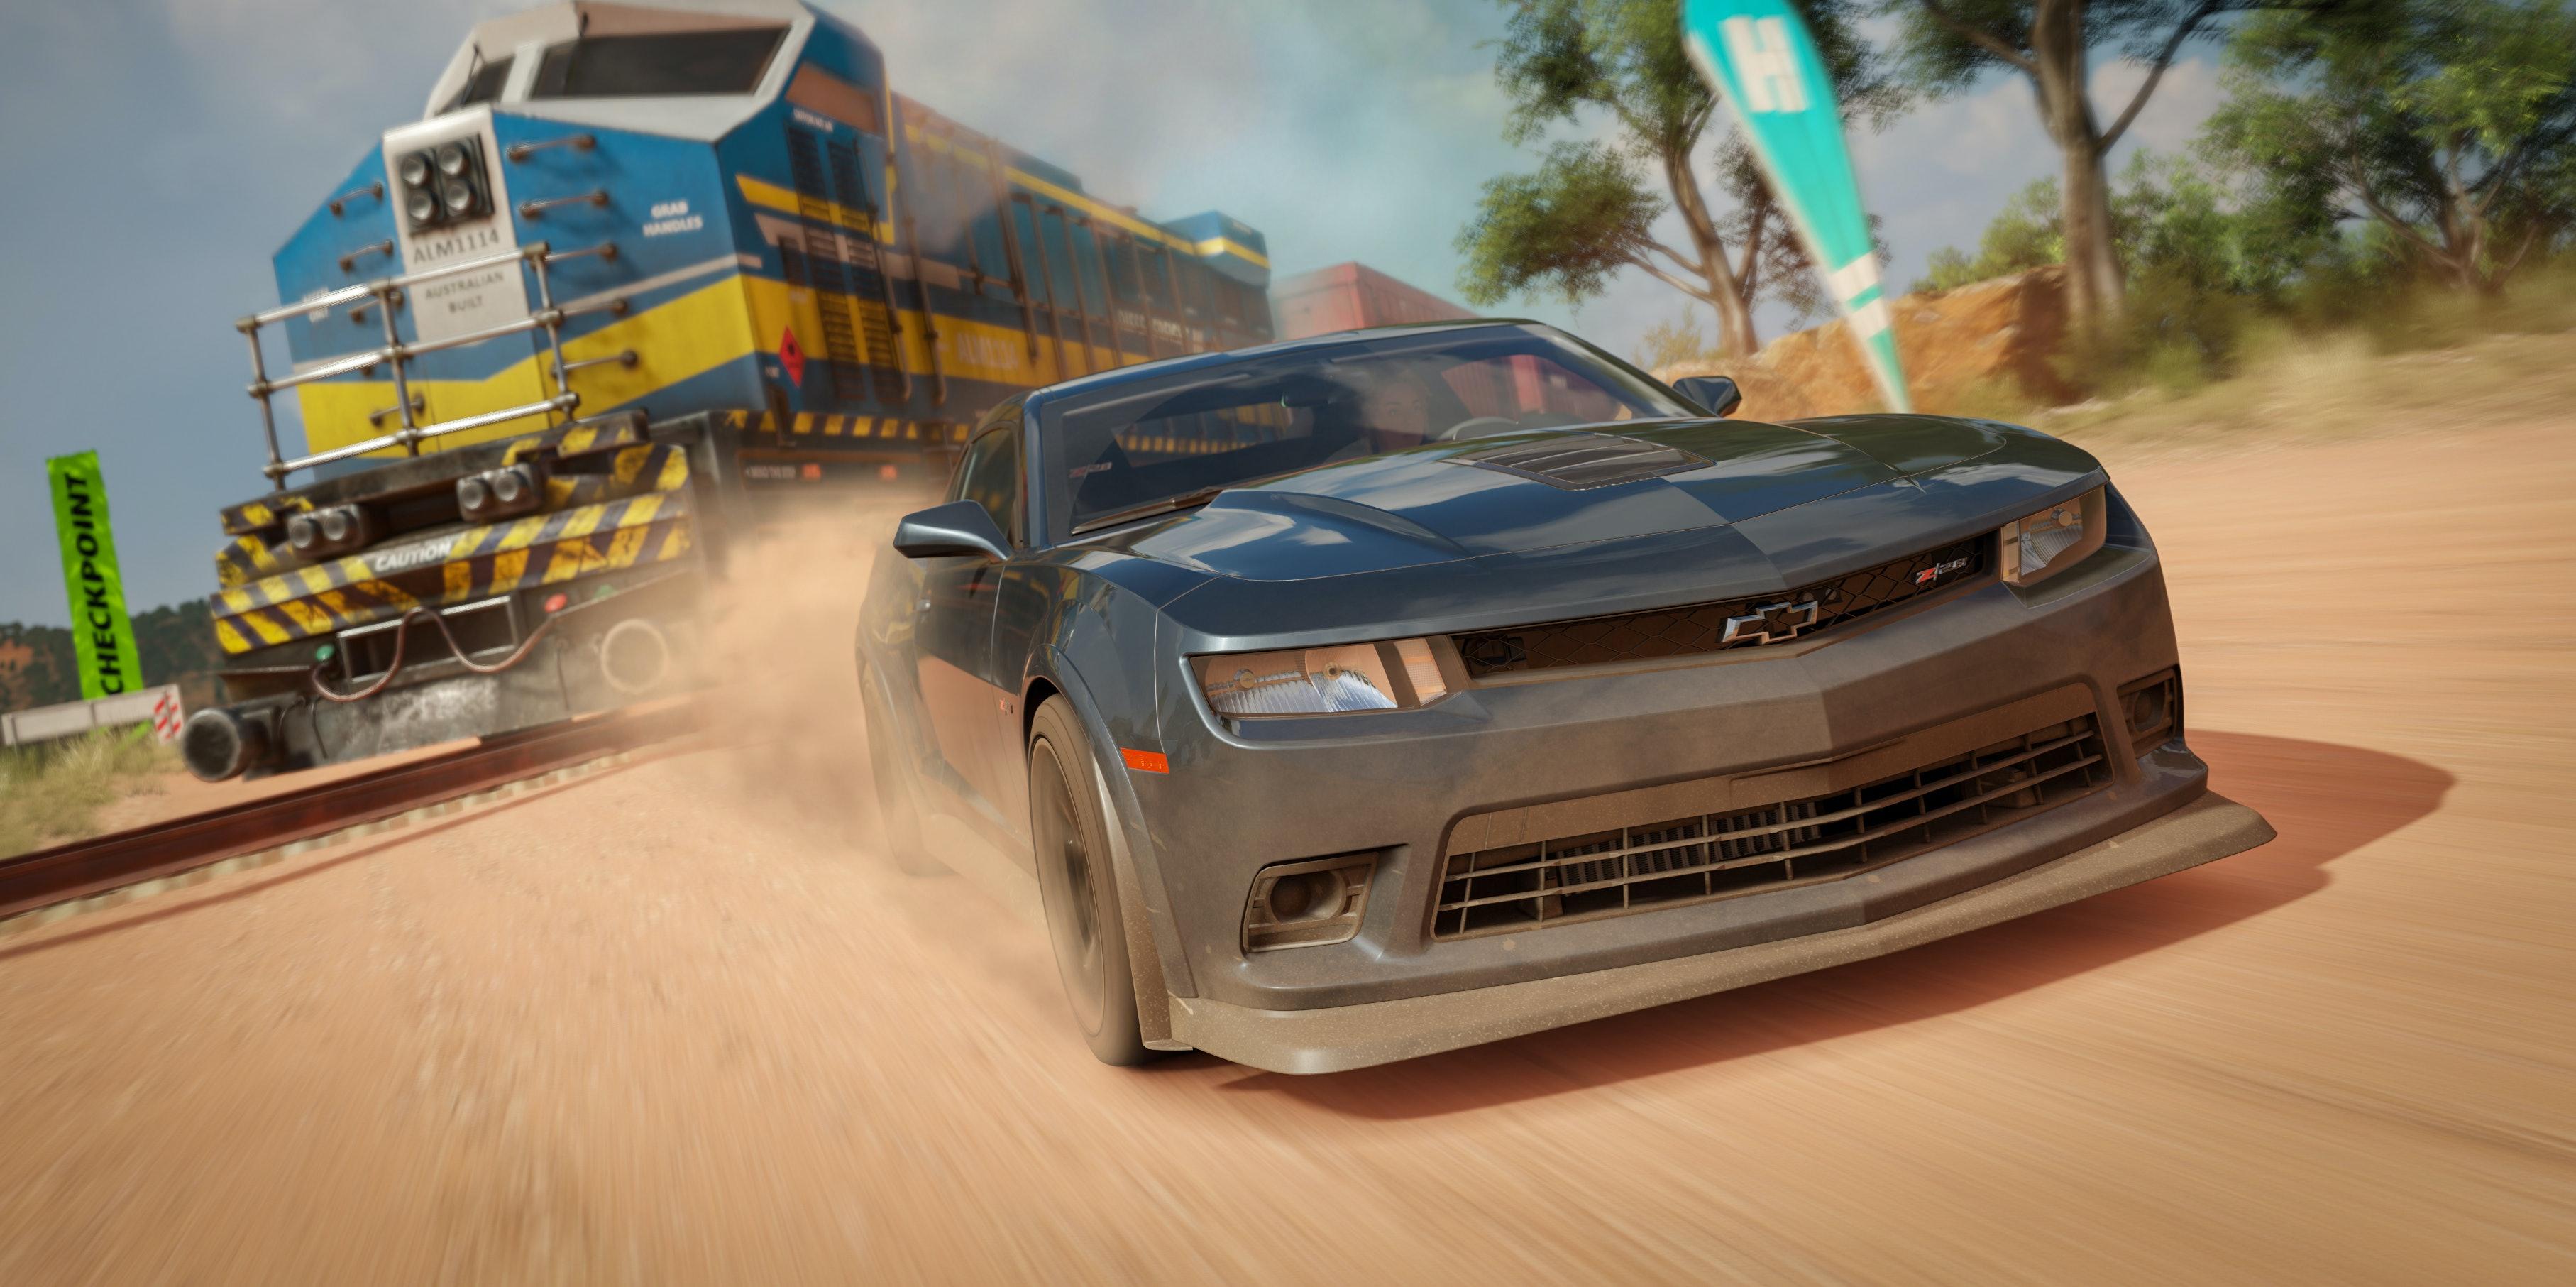 Forza Horizon 3 on Xbox One